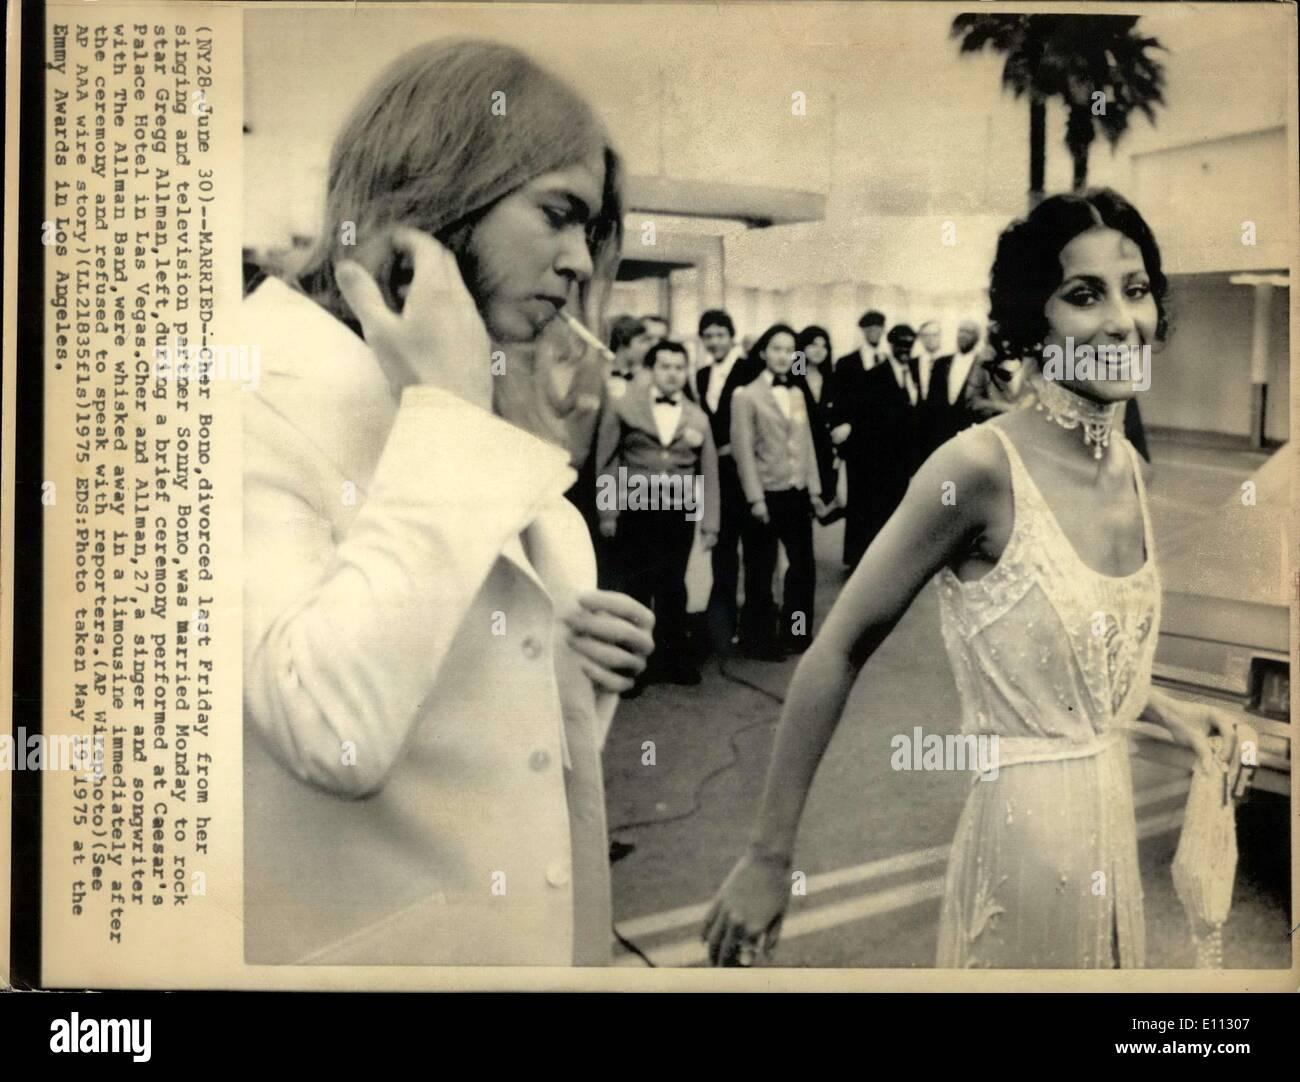 El 30 de junio, 1975 - casado - Cher Bono el viernes pasado, divorciado de ella cantando y socio de televisión Sonny Bono, estaba casado Lunes a la estrella de rock Gregg Allman, izquierda, durante una breve ceremonia realizada en el Caesar's Palace en Las Vegas. Cher y Allman, de 27 años, cantante y compositora con la Allman Band, se ve transportado en una limusina inmediatamente después de la ceremonia y se negó a hablar con los reporteros. EDS: Foto tomada el 19 de mayo de 1975 en los premios Emmy en Los Ángeles. Imagen De Stock